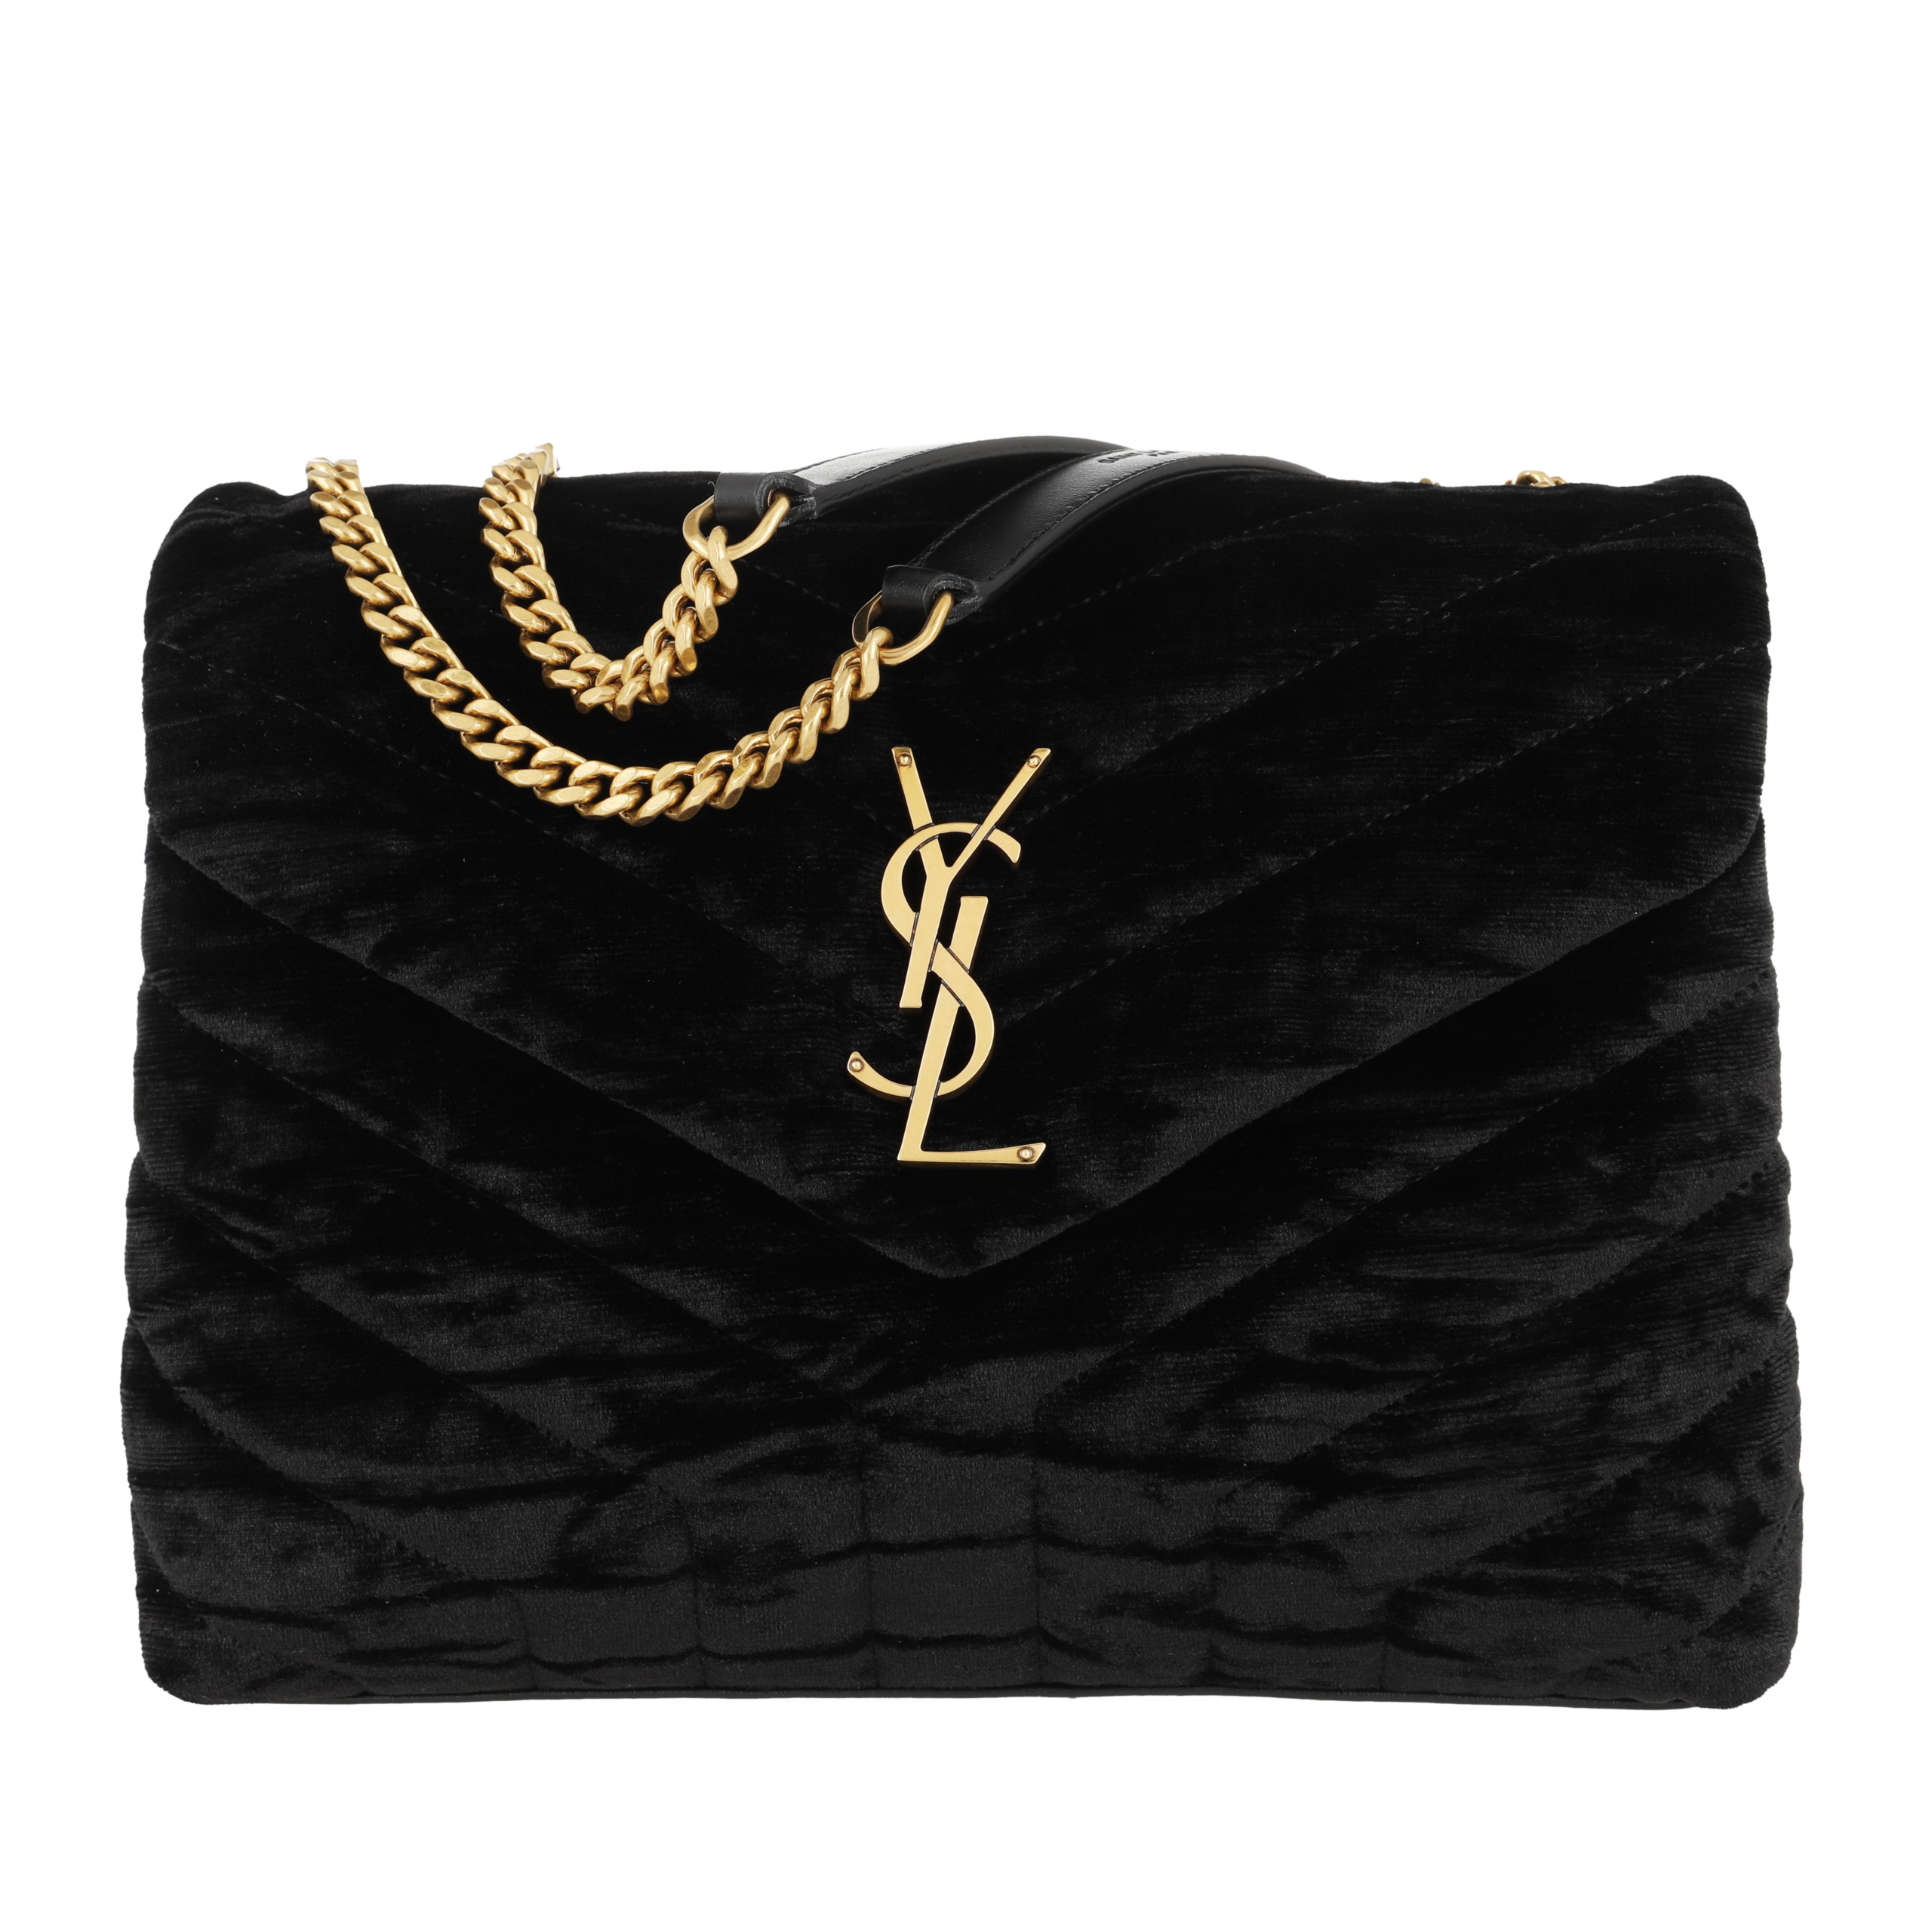 Saint Laurent Umhängetasche - Small Lou Lou Bag Black - in schwarz - für Damen